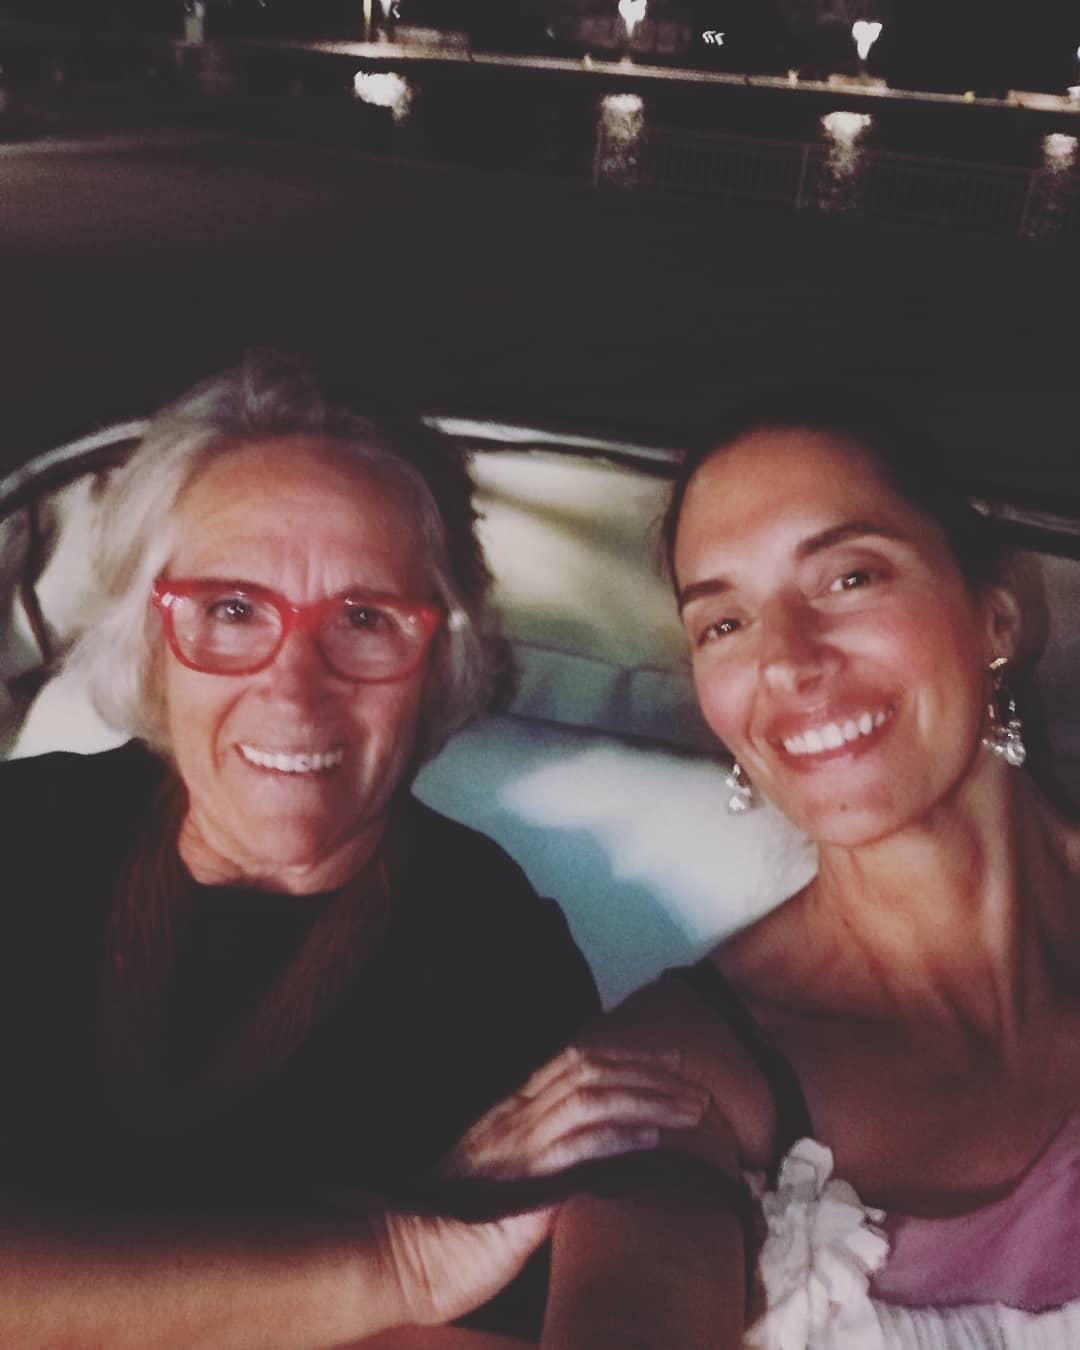 Σαν δυο σταγόνες νερού: Η εντυπωσιακή ομοιότητα της Νόνης Δούνια με τη μητέρα της! (εικόνα)